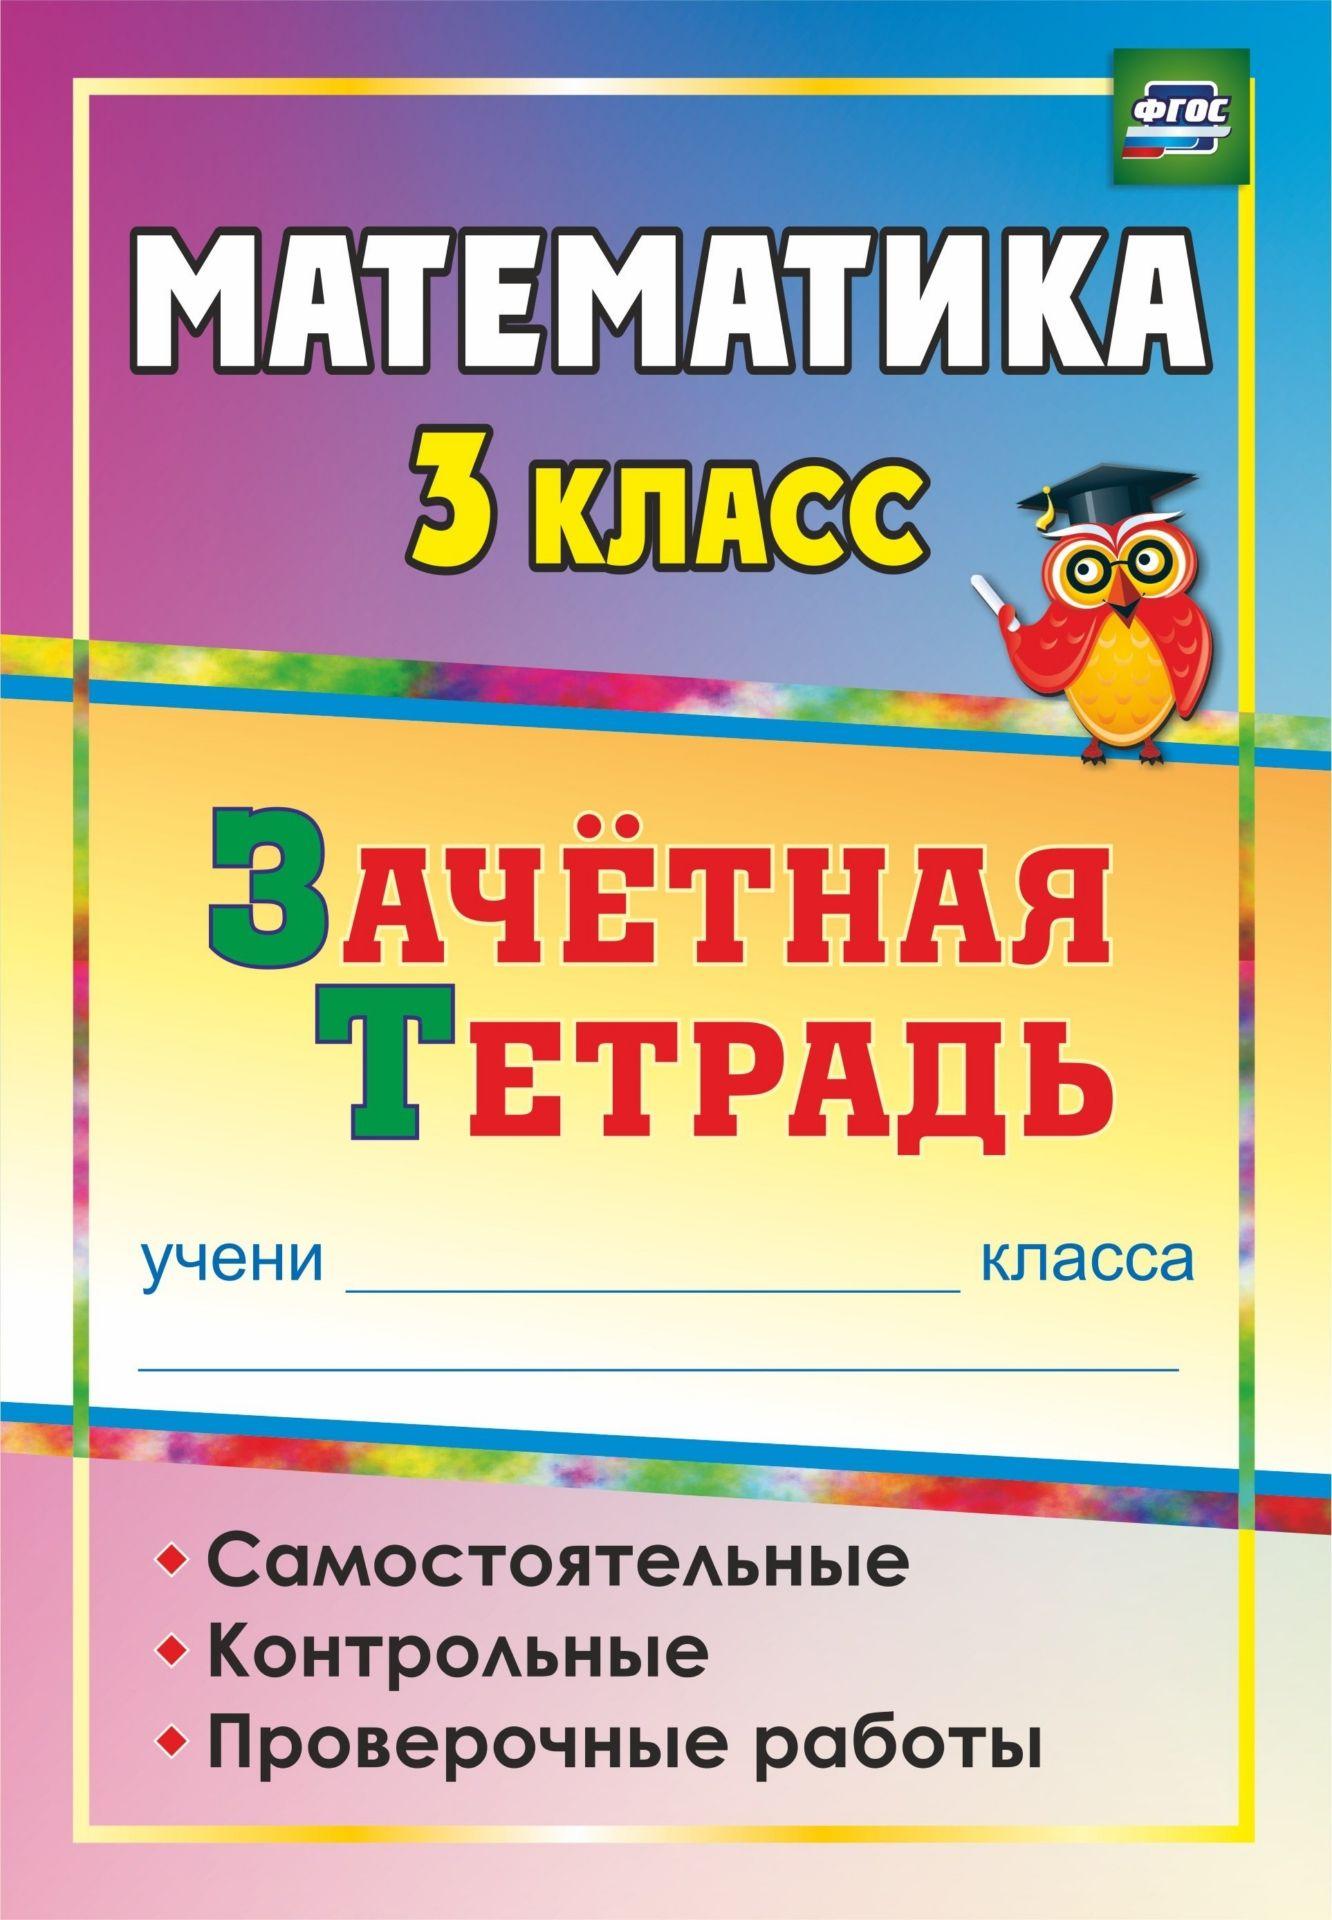 Математика. 3 класс: самостоятельные, контрольные, проверочные работы: зачетная тетрадьПредметы<br>В пособии предлагаются оптимальные формы проверки знаний, умений, навыков учащихся по математике в 3 классе, составленные в соответствии с ФГОС начального общего образования и предназначенные для проведения в течение всего периода обучения на различных эт...<br><br>Авторы: др., Субботина О. В., Воронина М. М., Гугучкина А. А.<br>Год: 2017<br>Серия: Зачётная тетрадь<br>ISBN: 978-5-7057-2657-8, 978-5-7057-4143-4<br>Высота: 235<br>Ширина: 162<br>Толщина: 7<br>Переплёт: мягкая, склейка